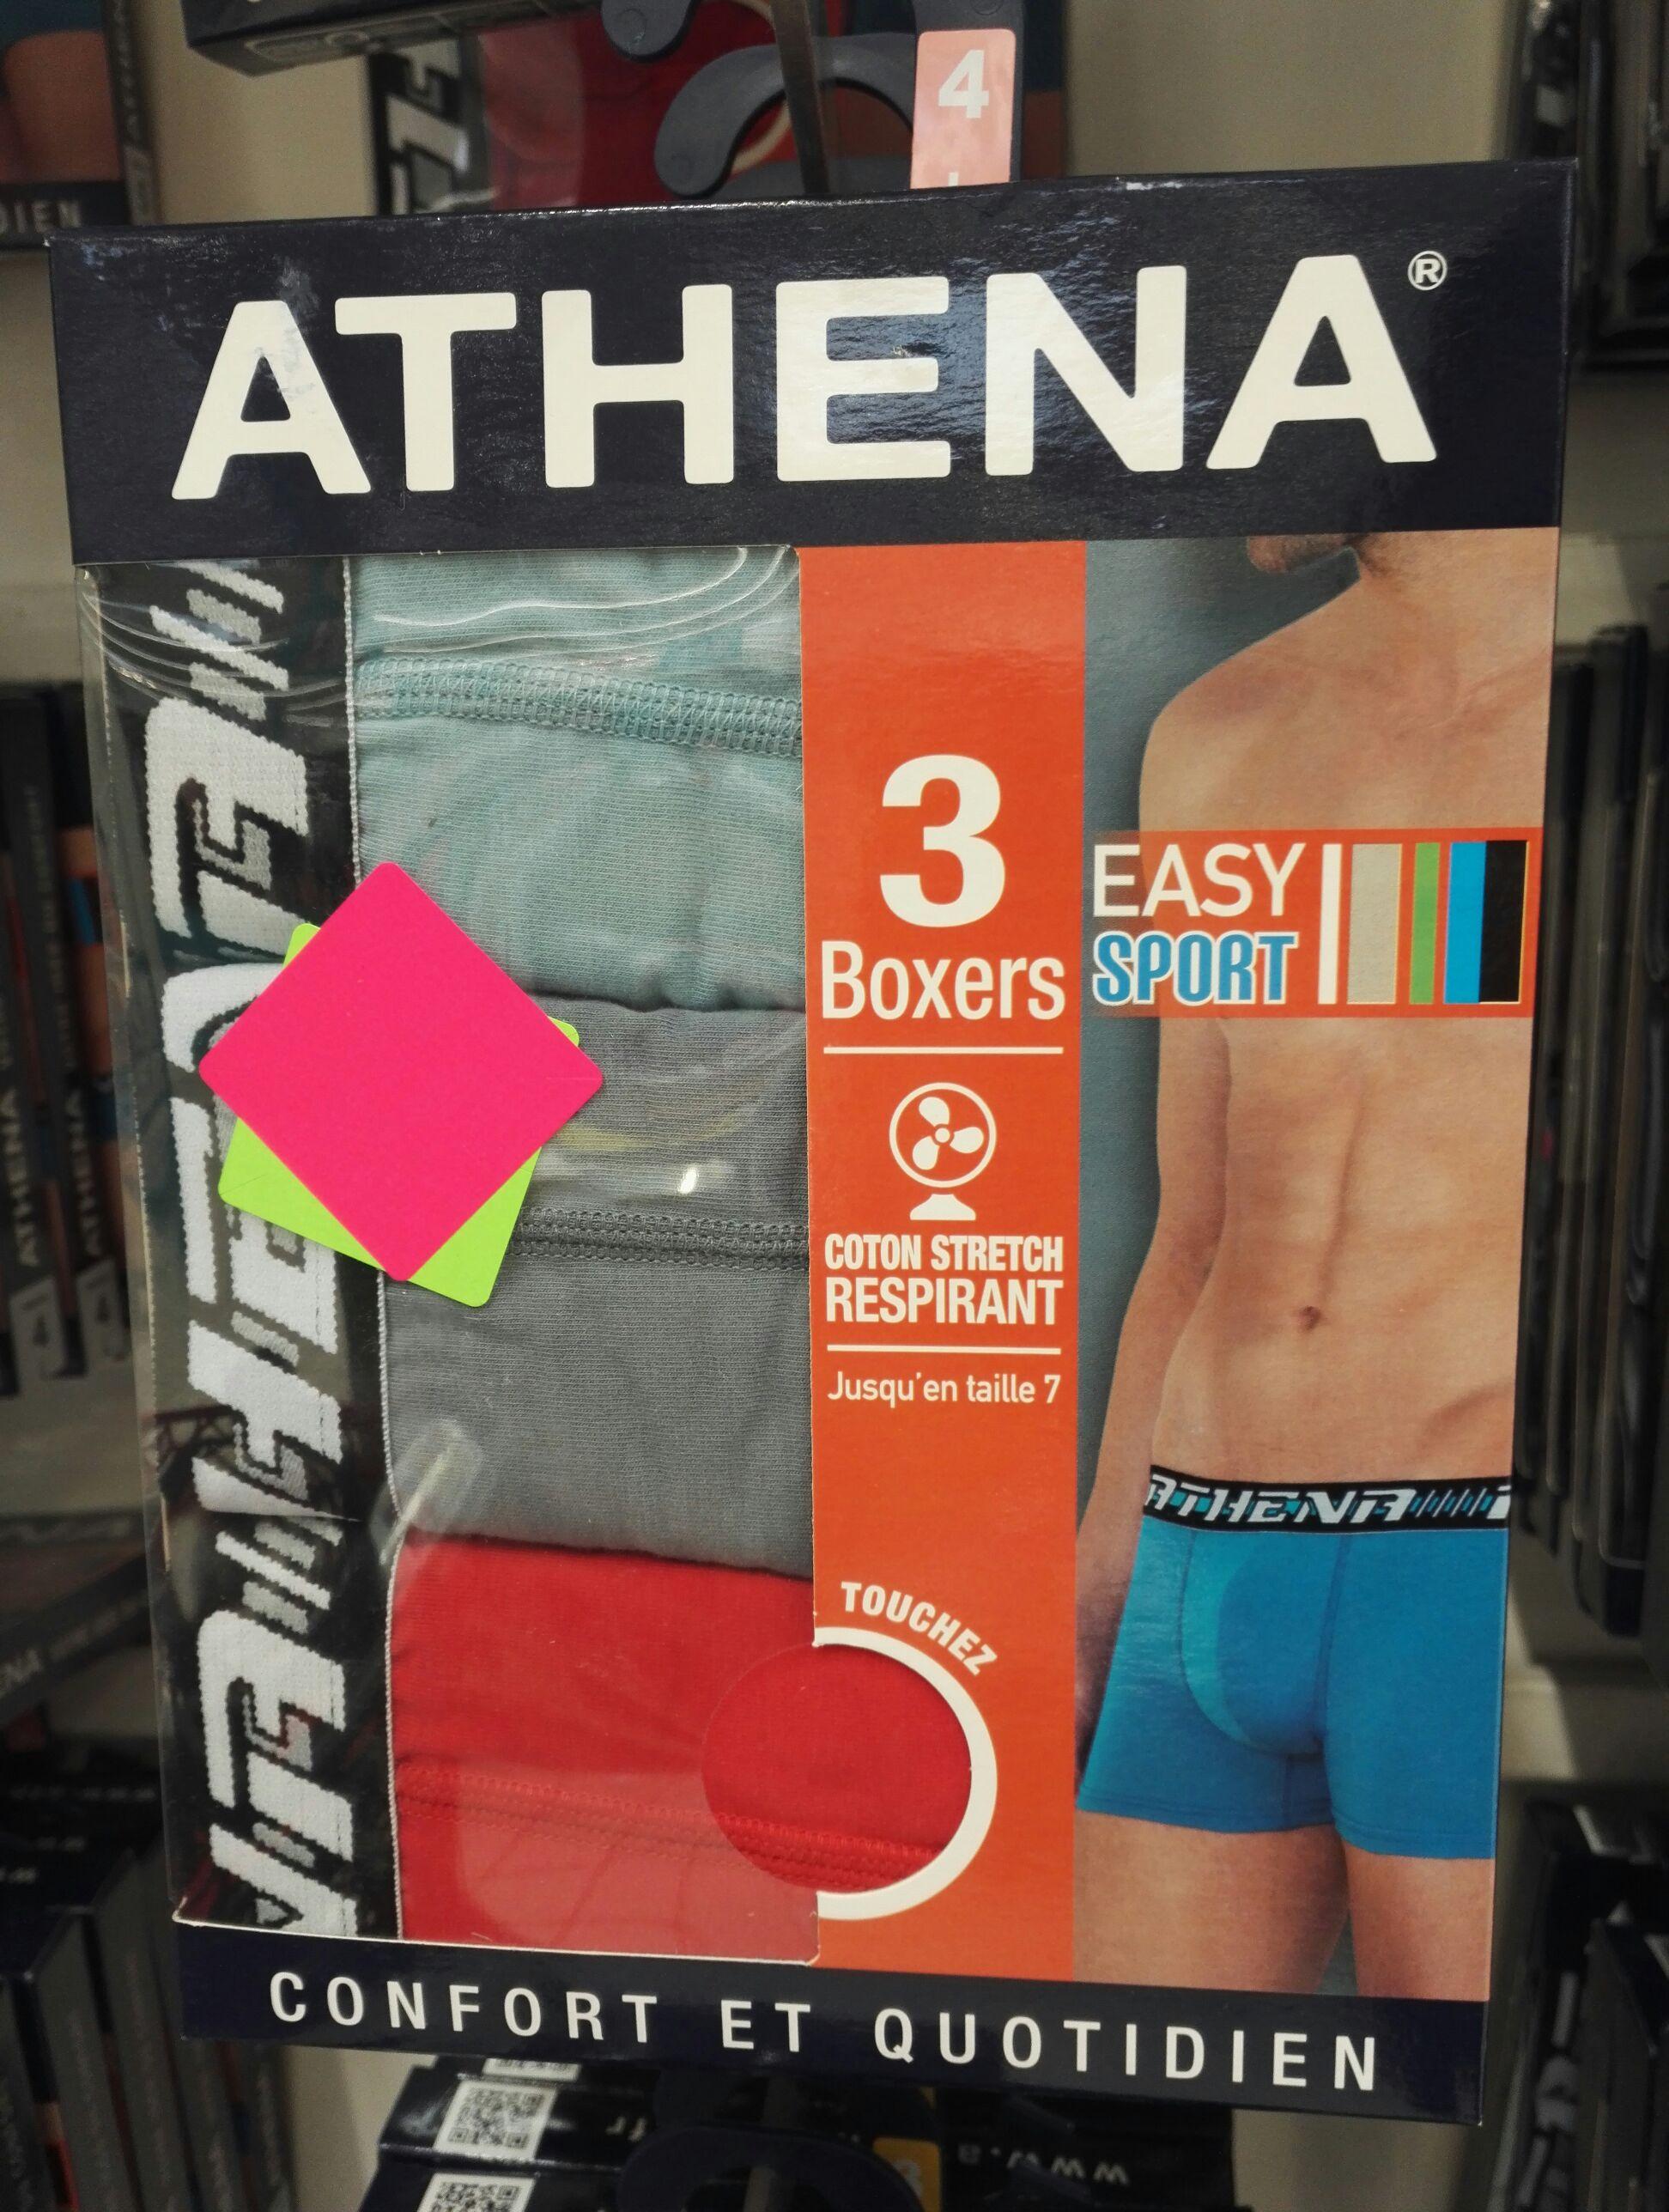 Lot de 3 boxers Athena Easy Sport plusieurs coloris disponibles - Englos (59)